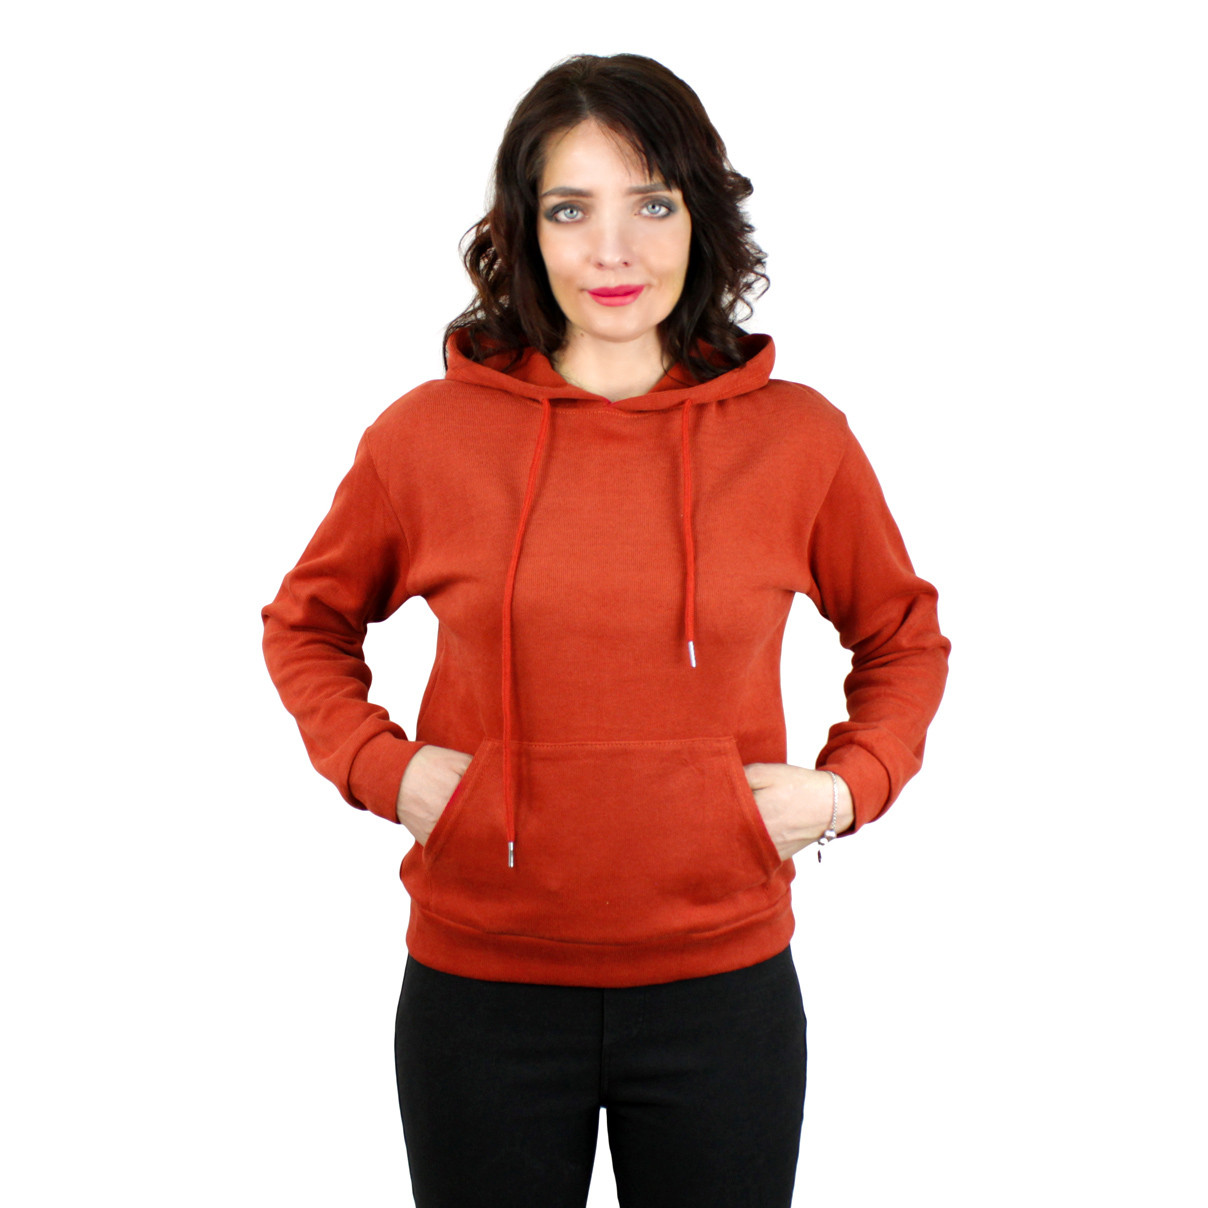 Молодіжні худі однотонні з кишенею повсякденні жіноче худі з капюшоном Burgundy